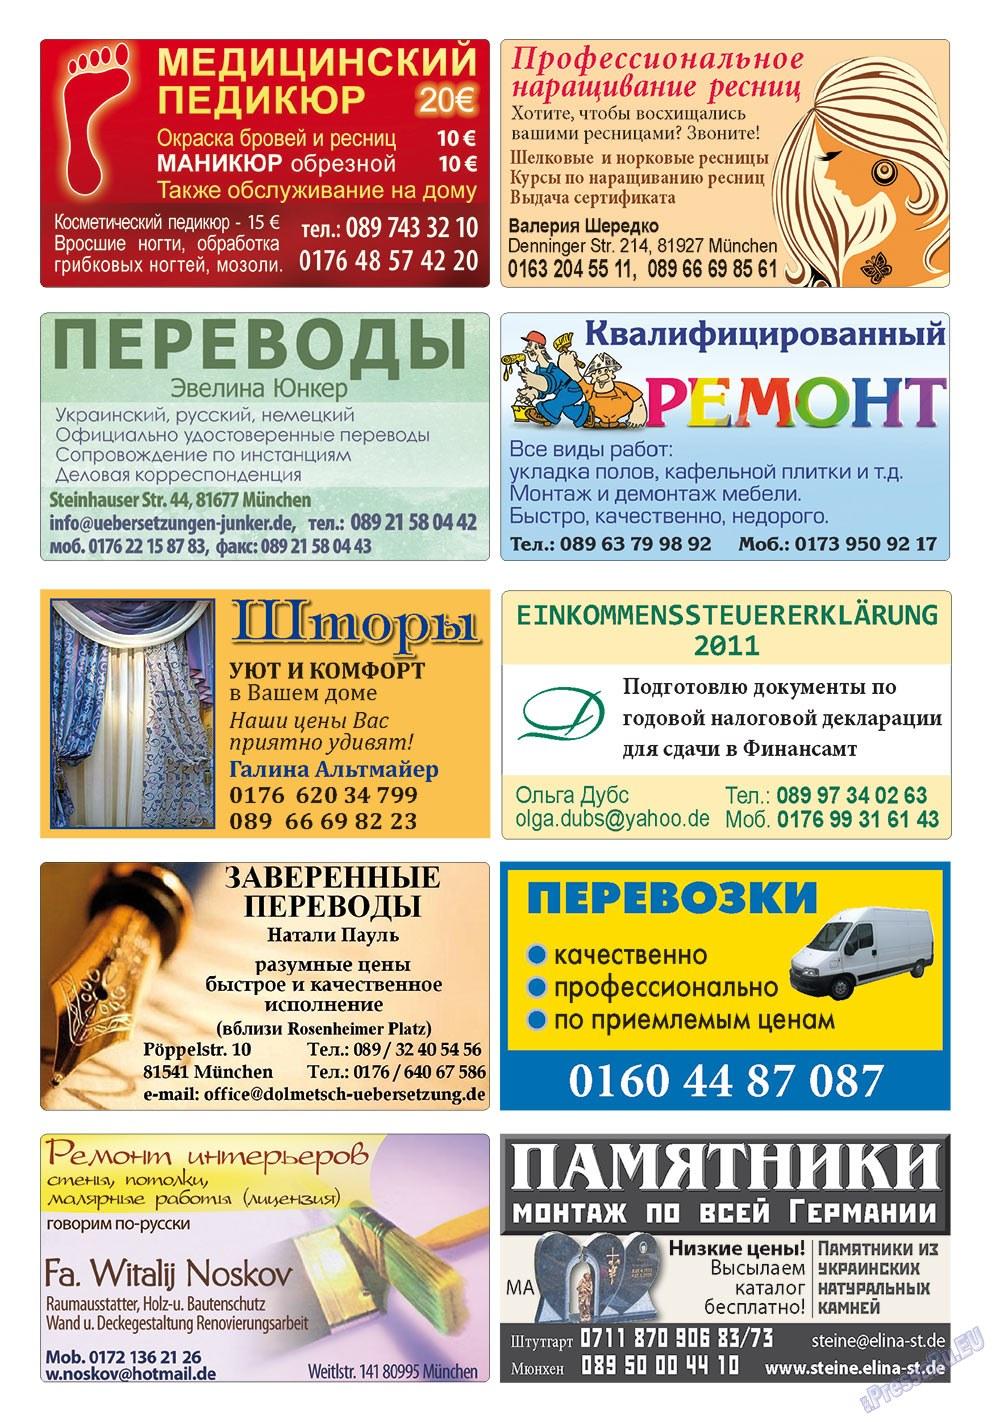 Апельсин (журнал). 2012 год, номер 33, стр. 35